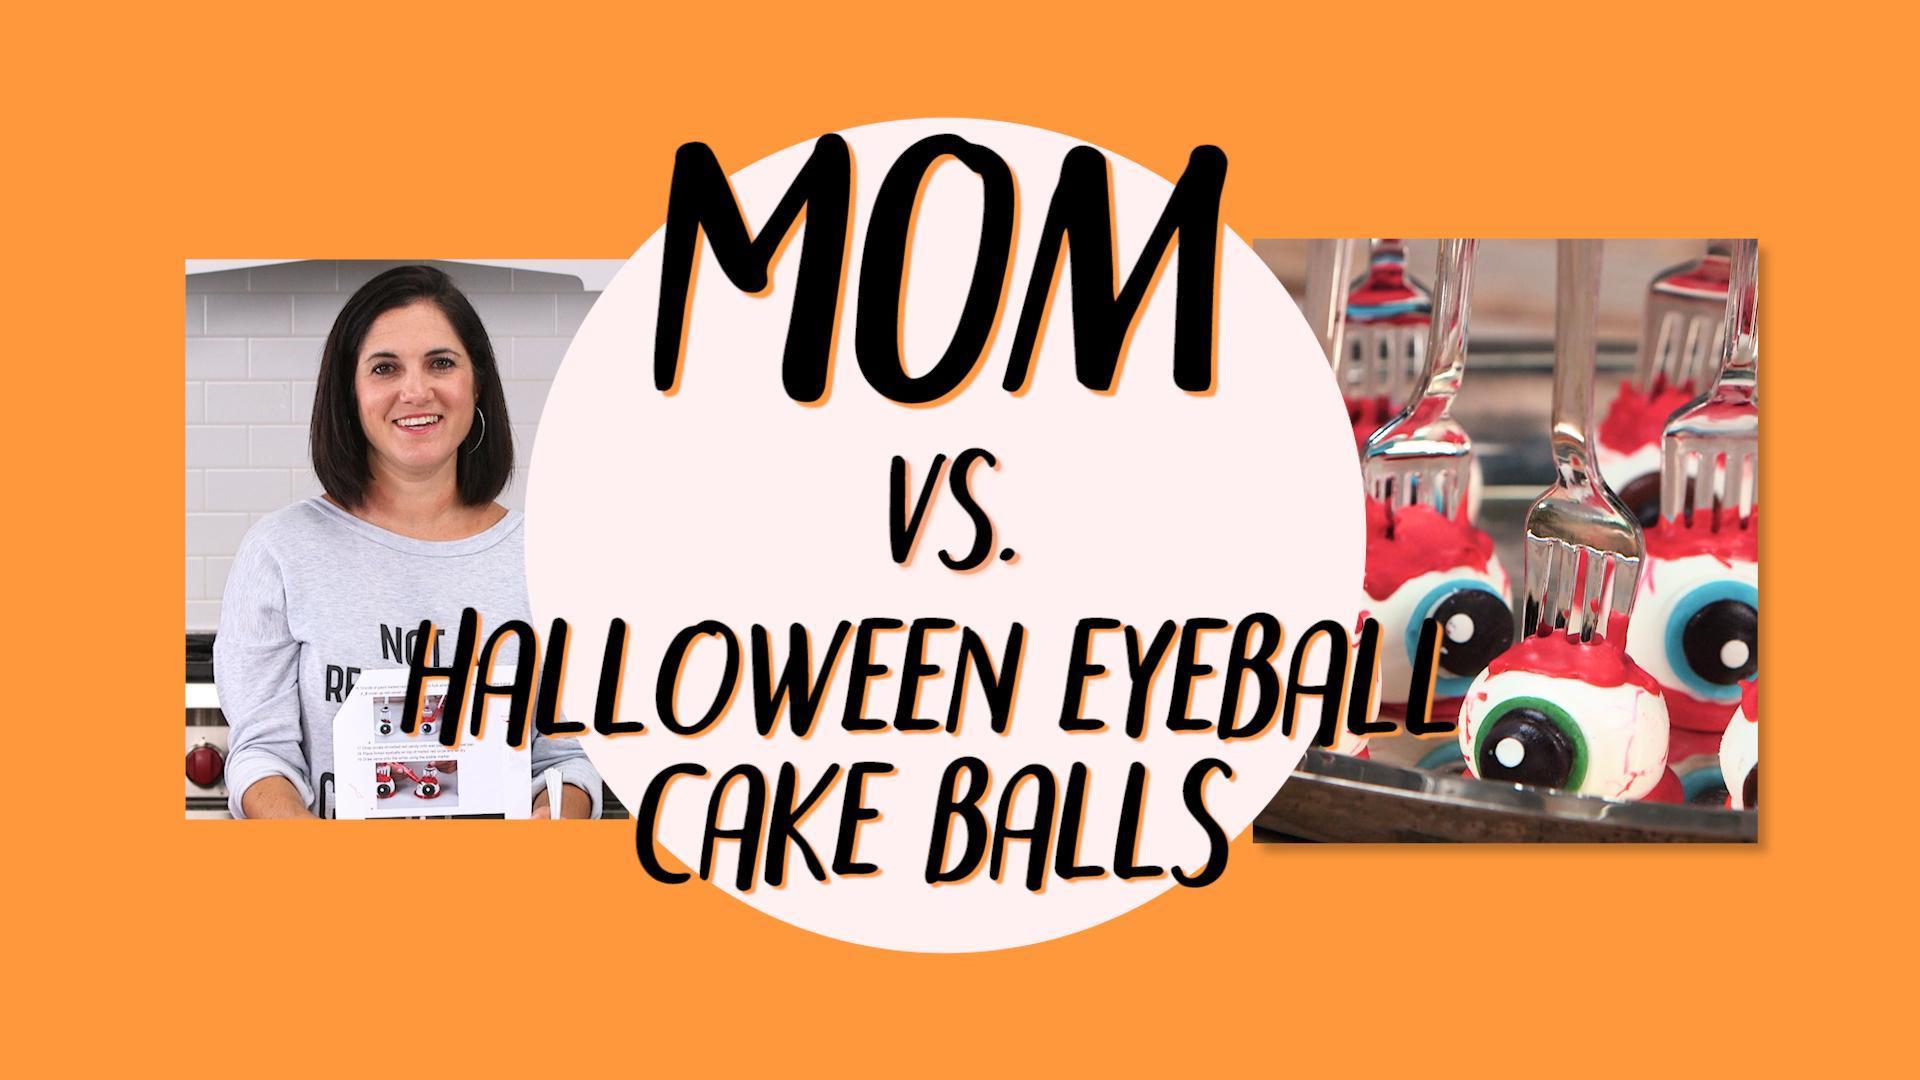 Mom vs Cake Ball Eyeballs